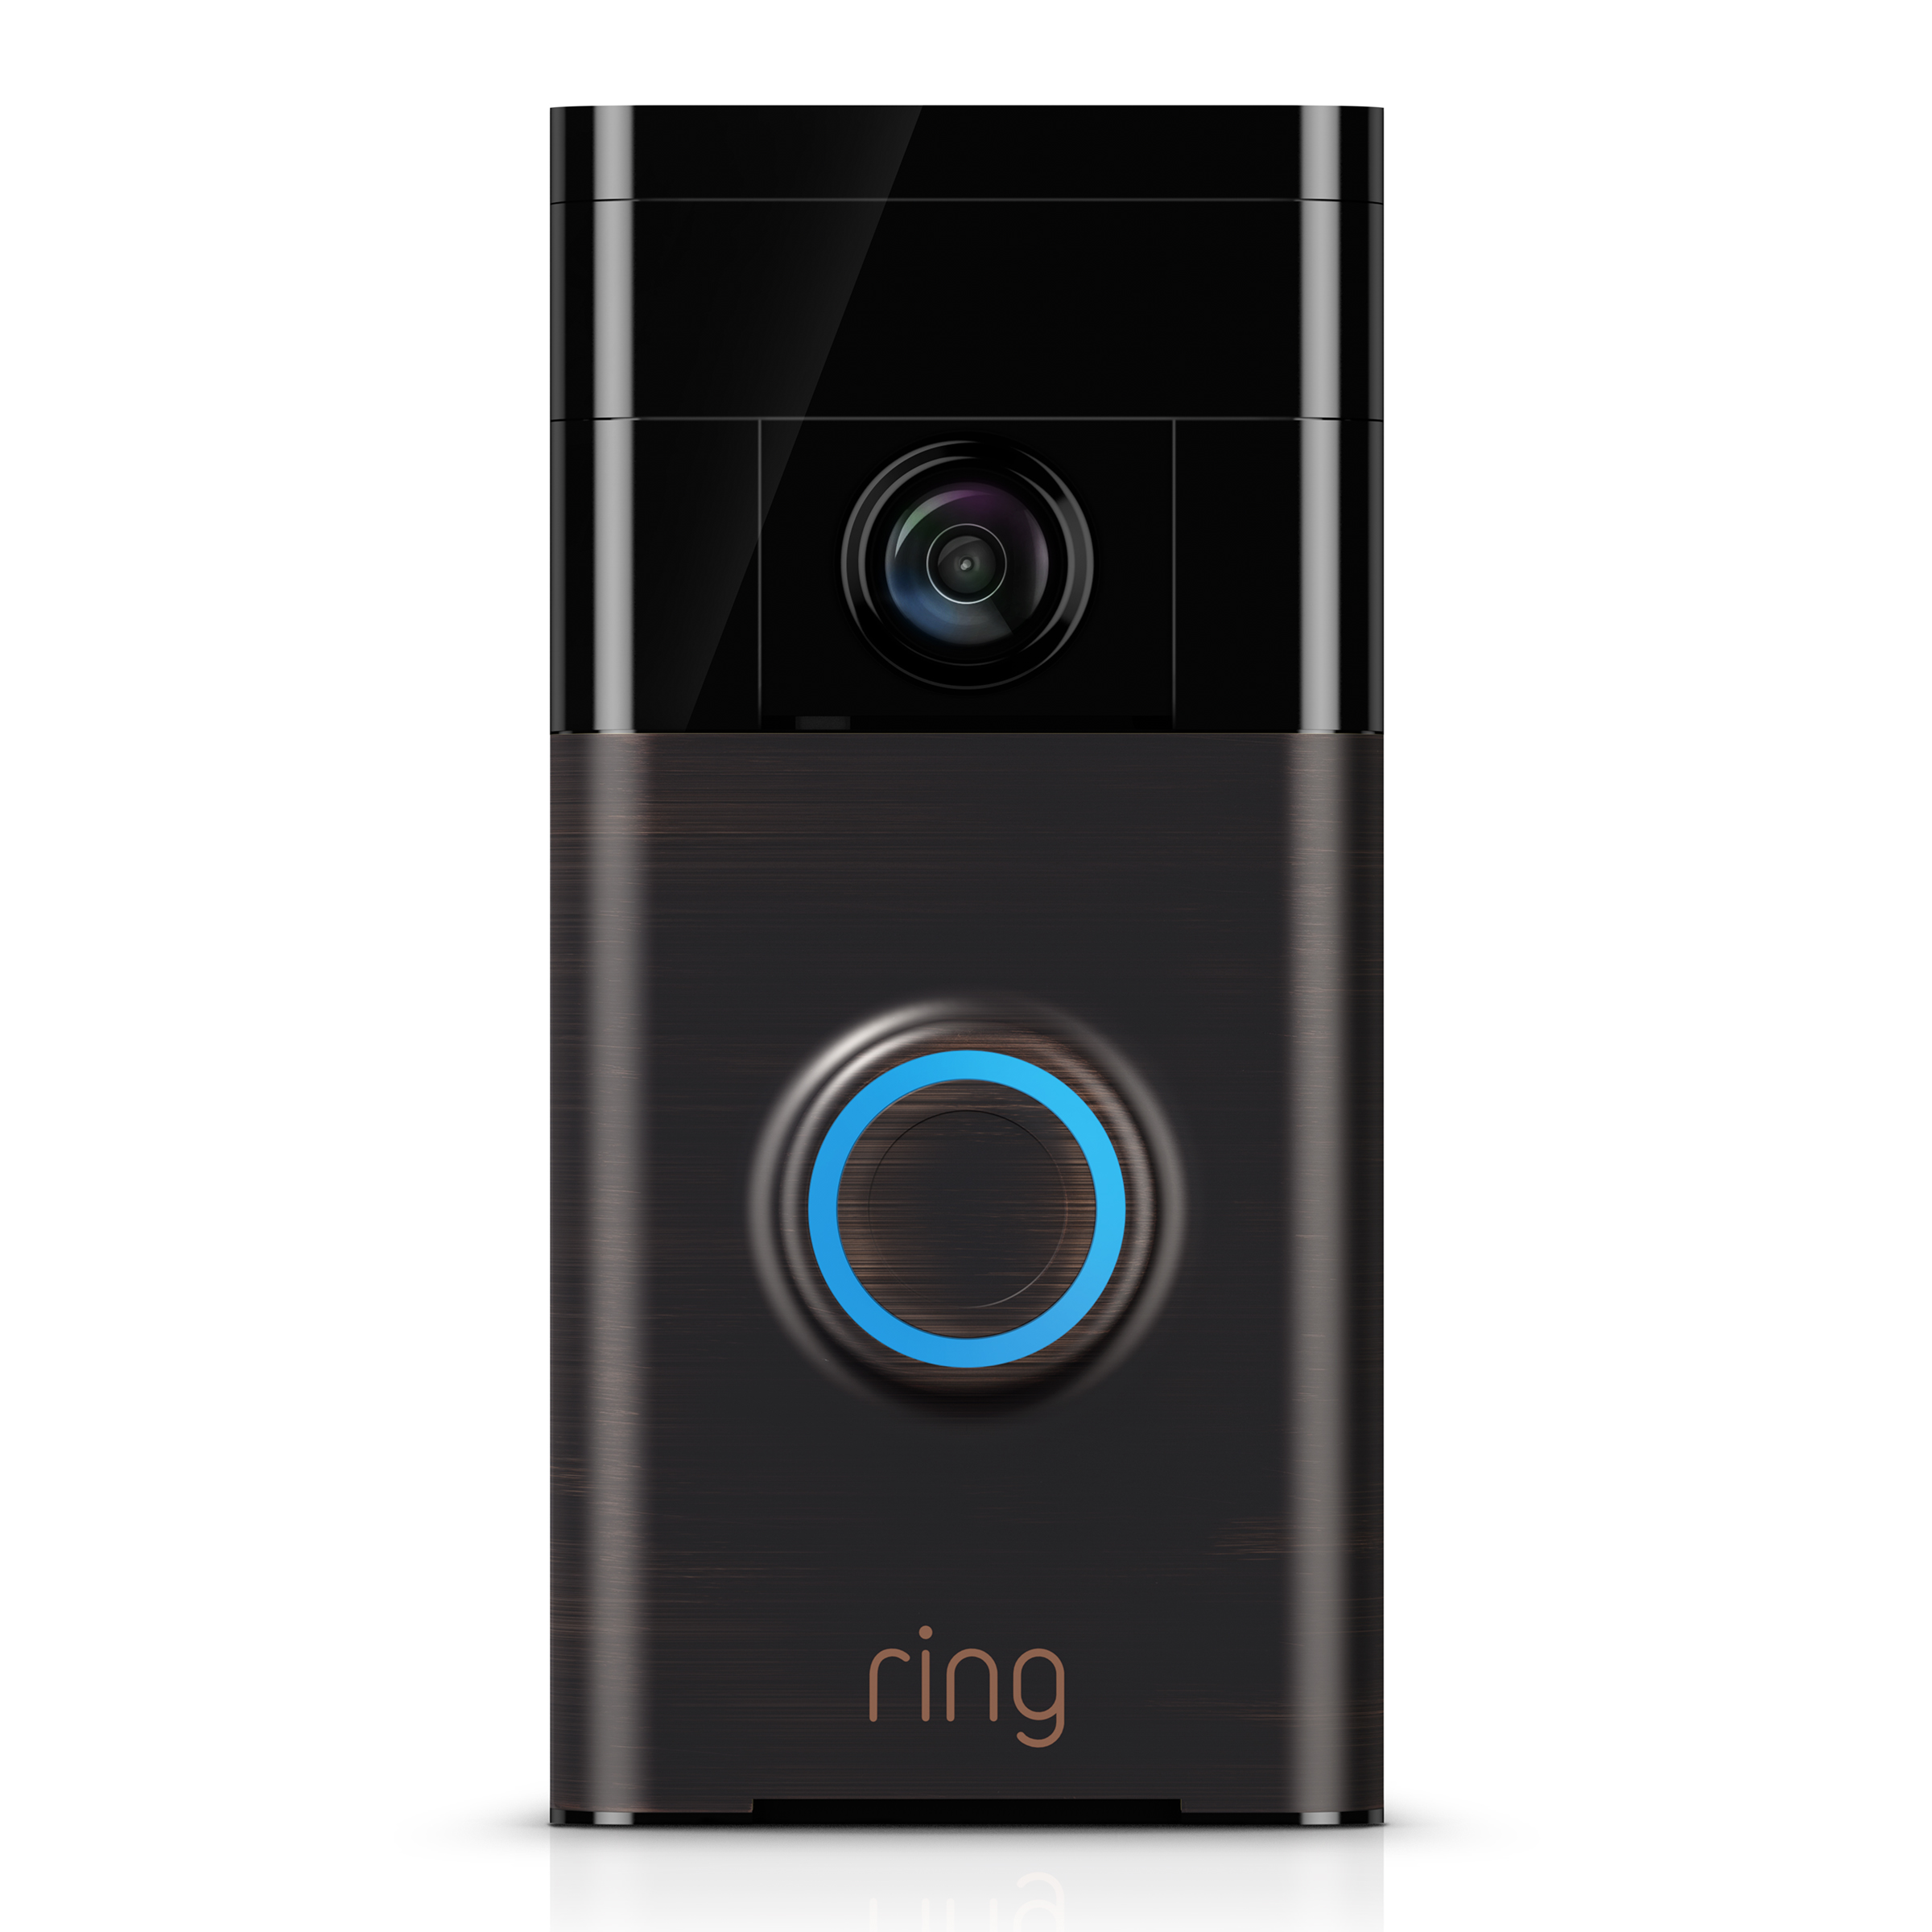 ring video doorbell in satin nickel - walmart